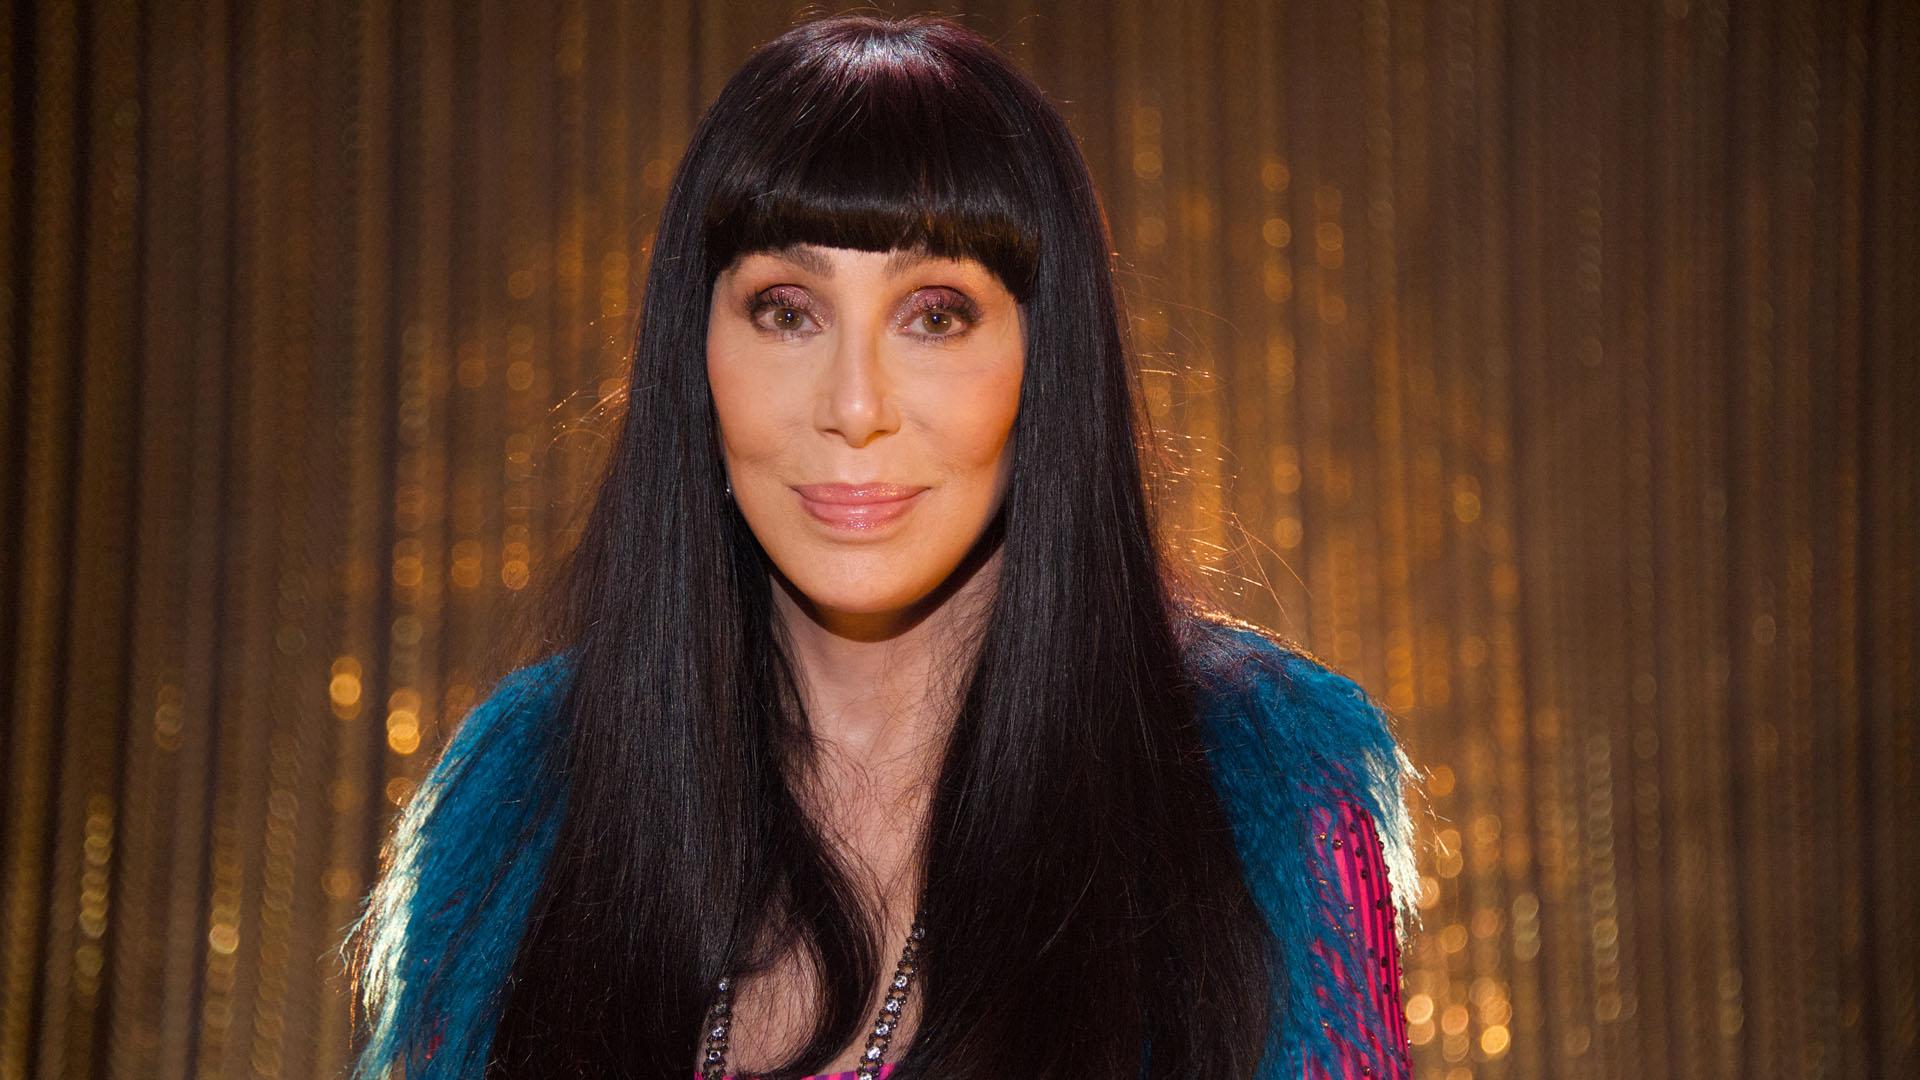 75 éves lett Cher, a szórakoztatóipar legnagyobb visszatérője